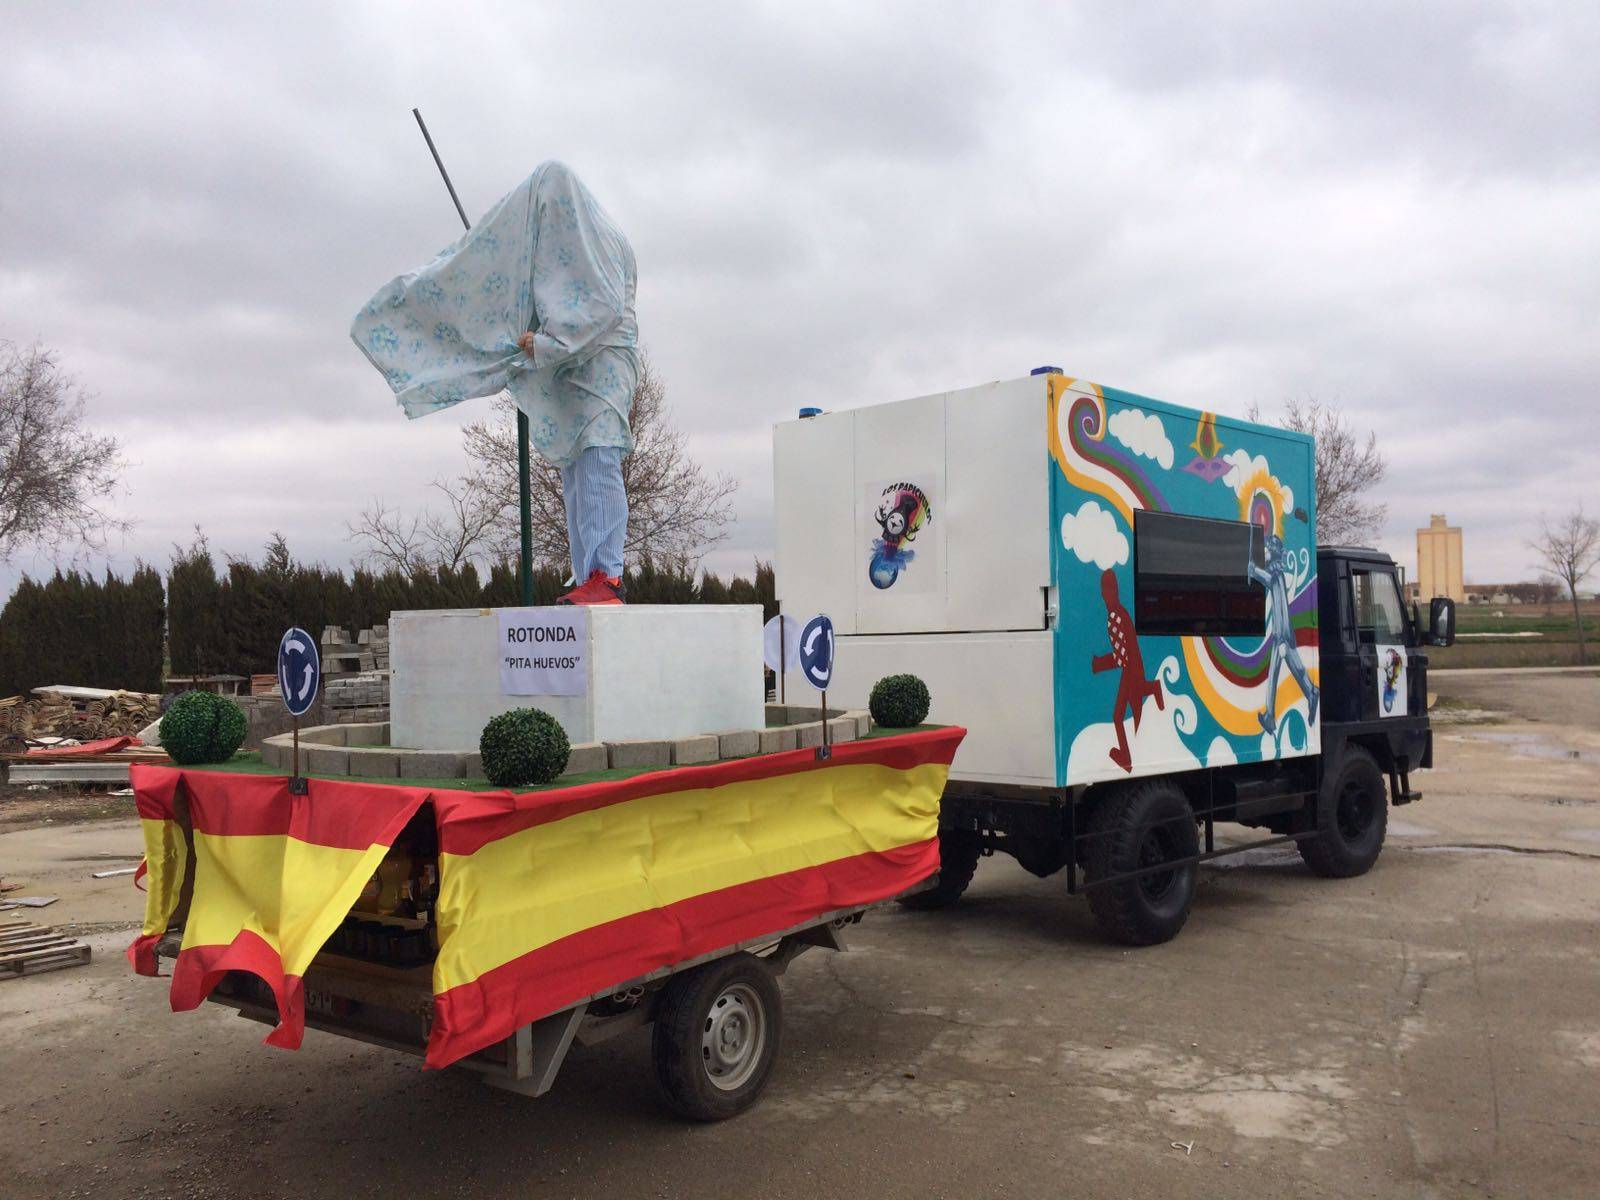 carroza con escultura de Perle - El Carnaval de Herencia instaló la escultura Perlé